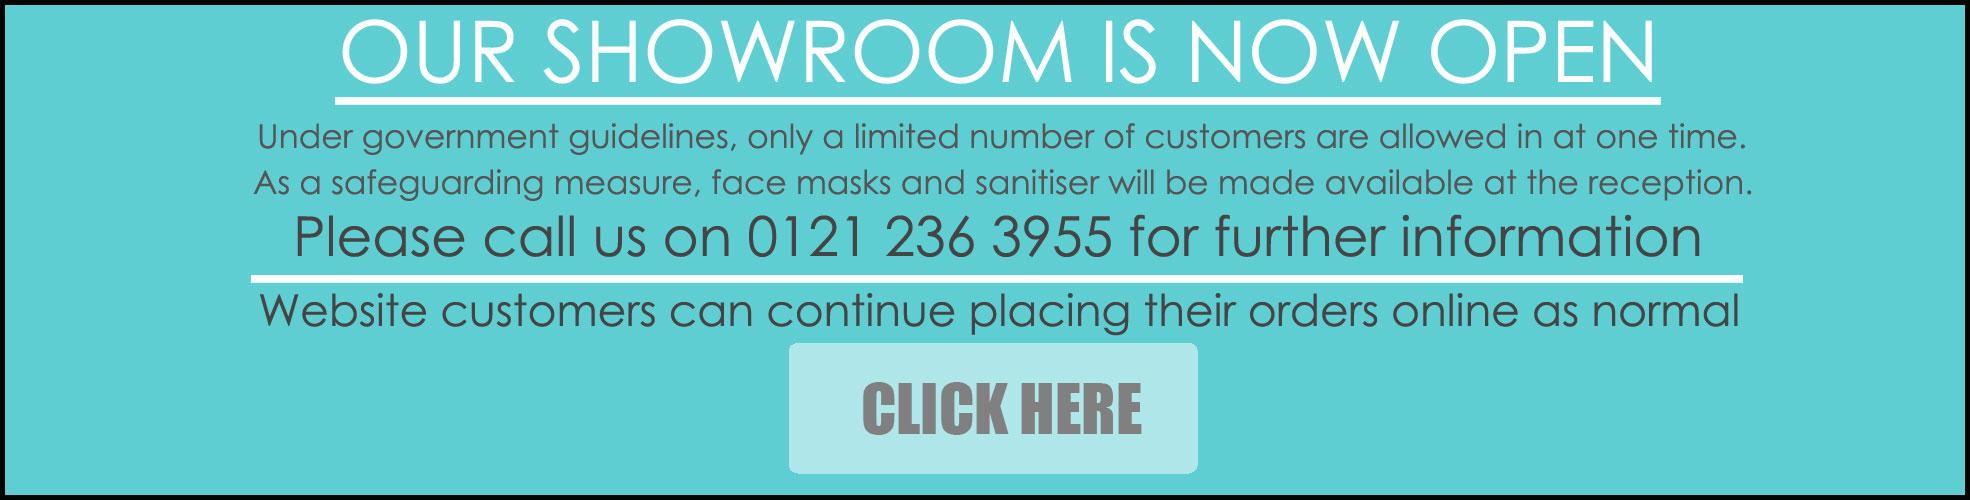 Showroom Now open for walk-in customers